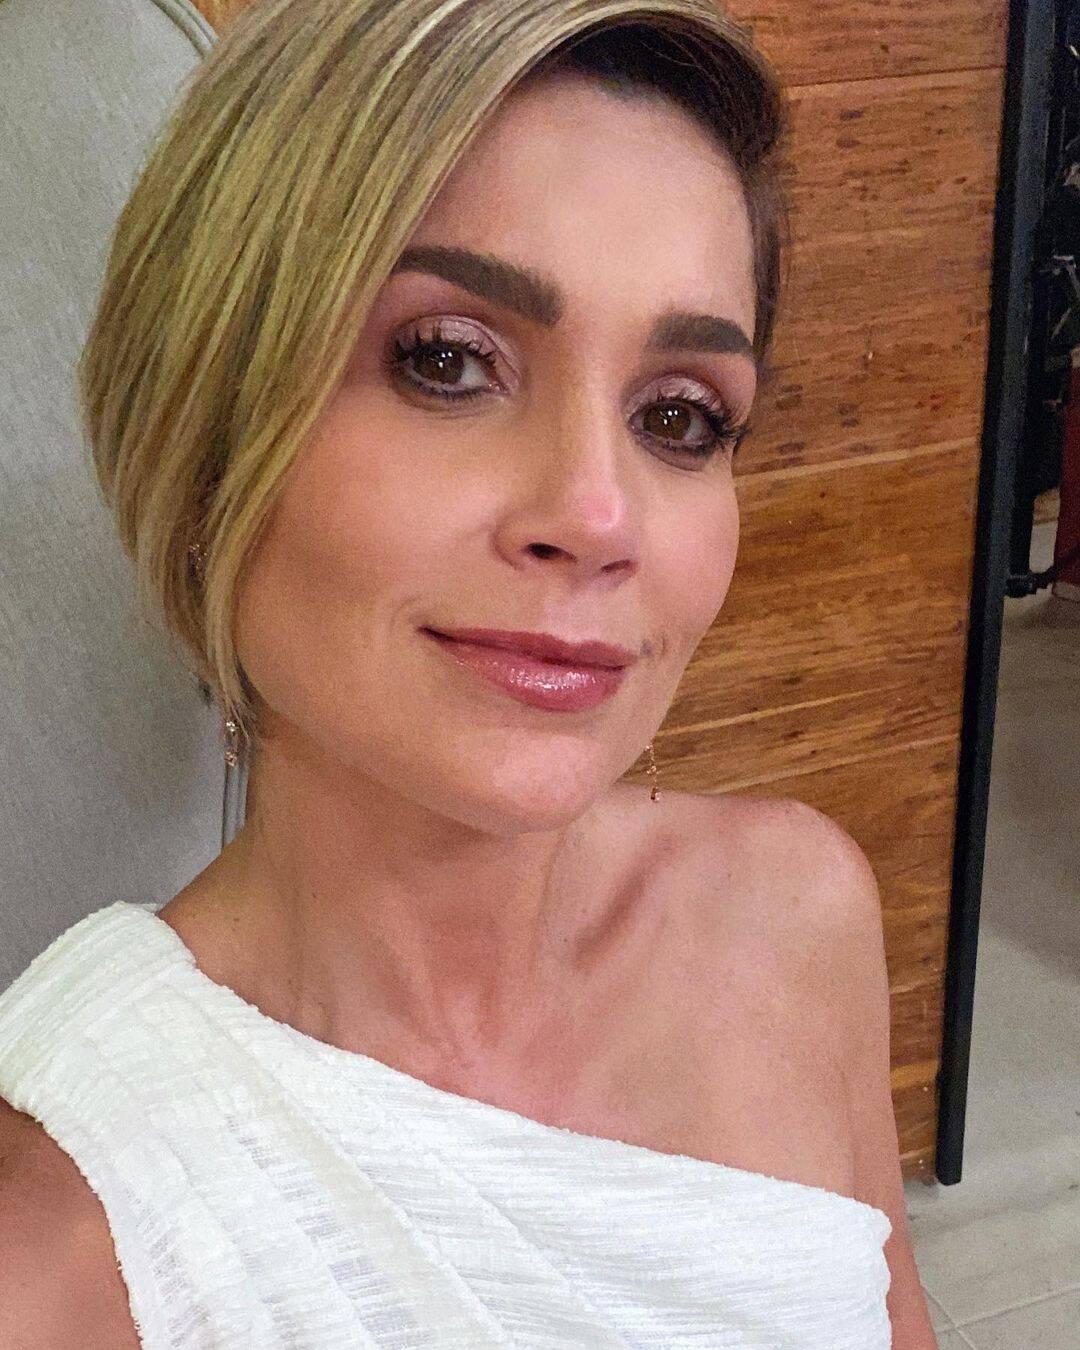 """Flávia é outro nome que já está cotado para participar da nova novela """"Travessia"""". Com muitos sucessos em seu currículo, a atriz ganha o salário na faixa dos 100 mil reais mensais. (Foto: Instagram)"""